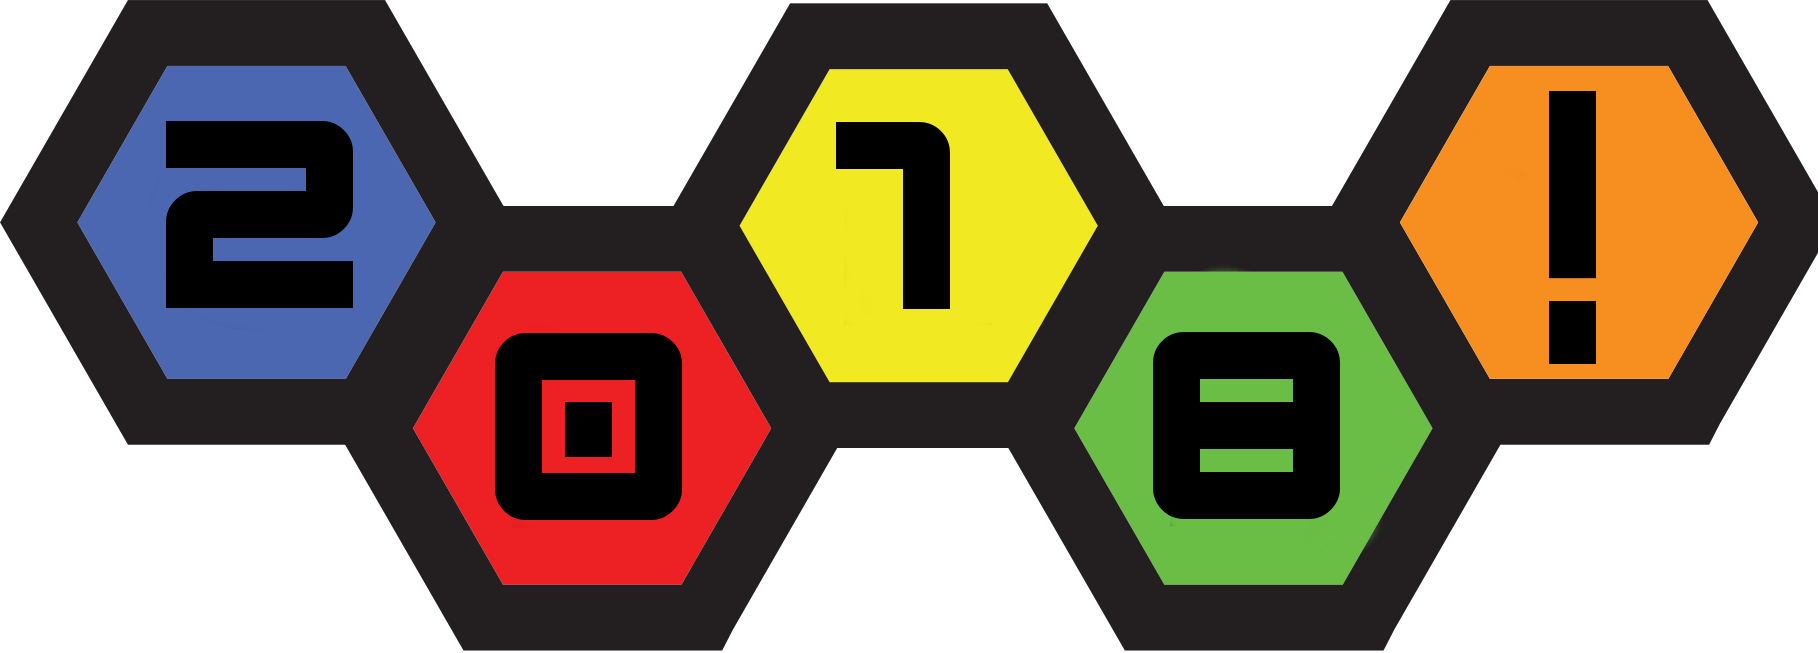 Geeky Brummie 2018